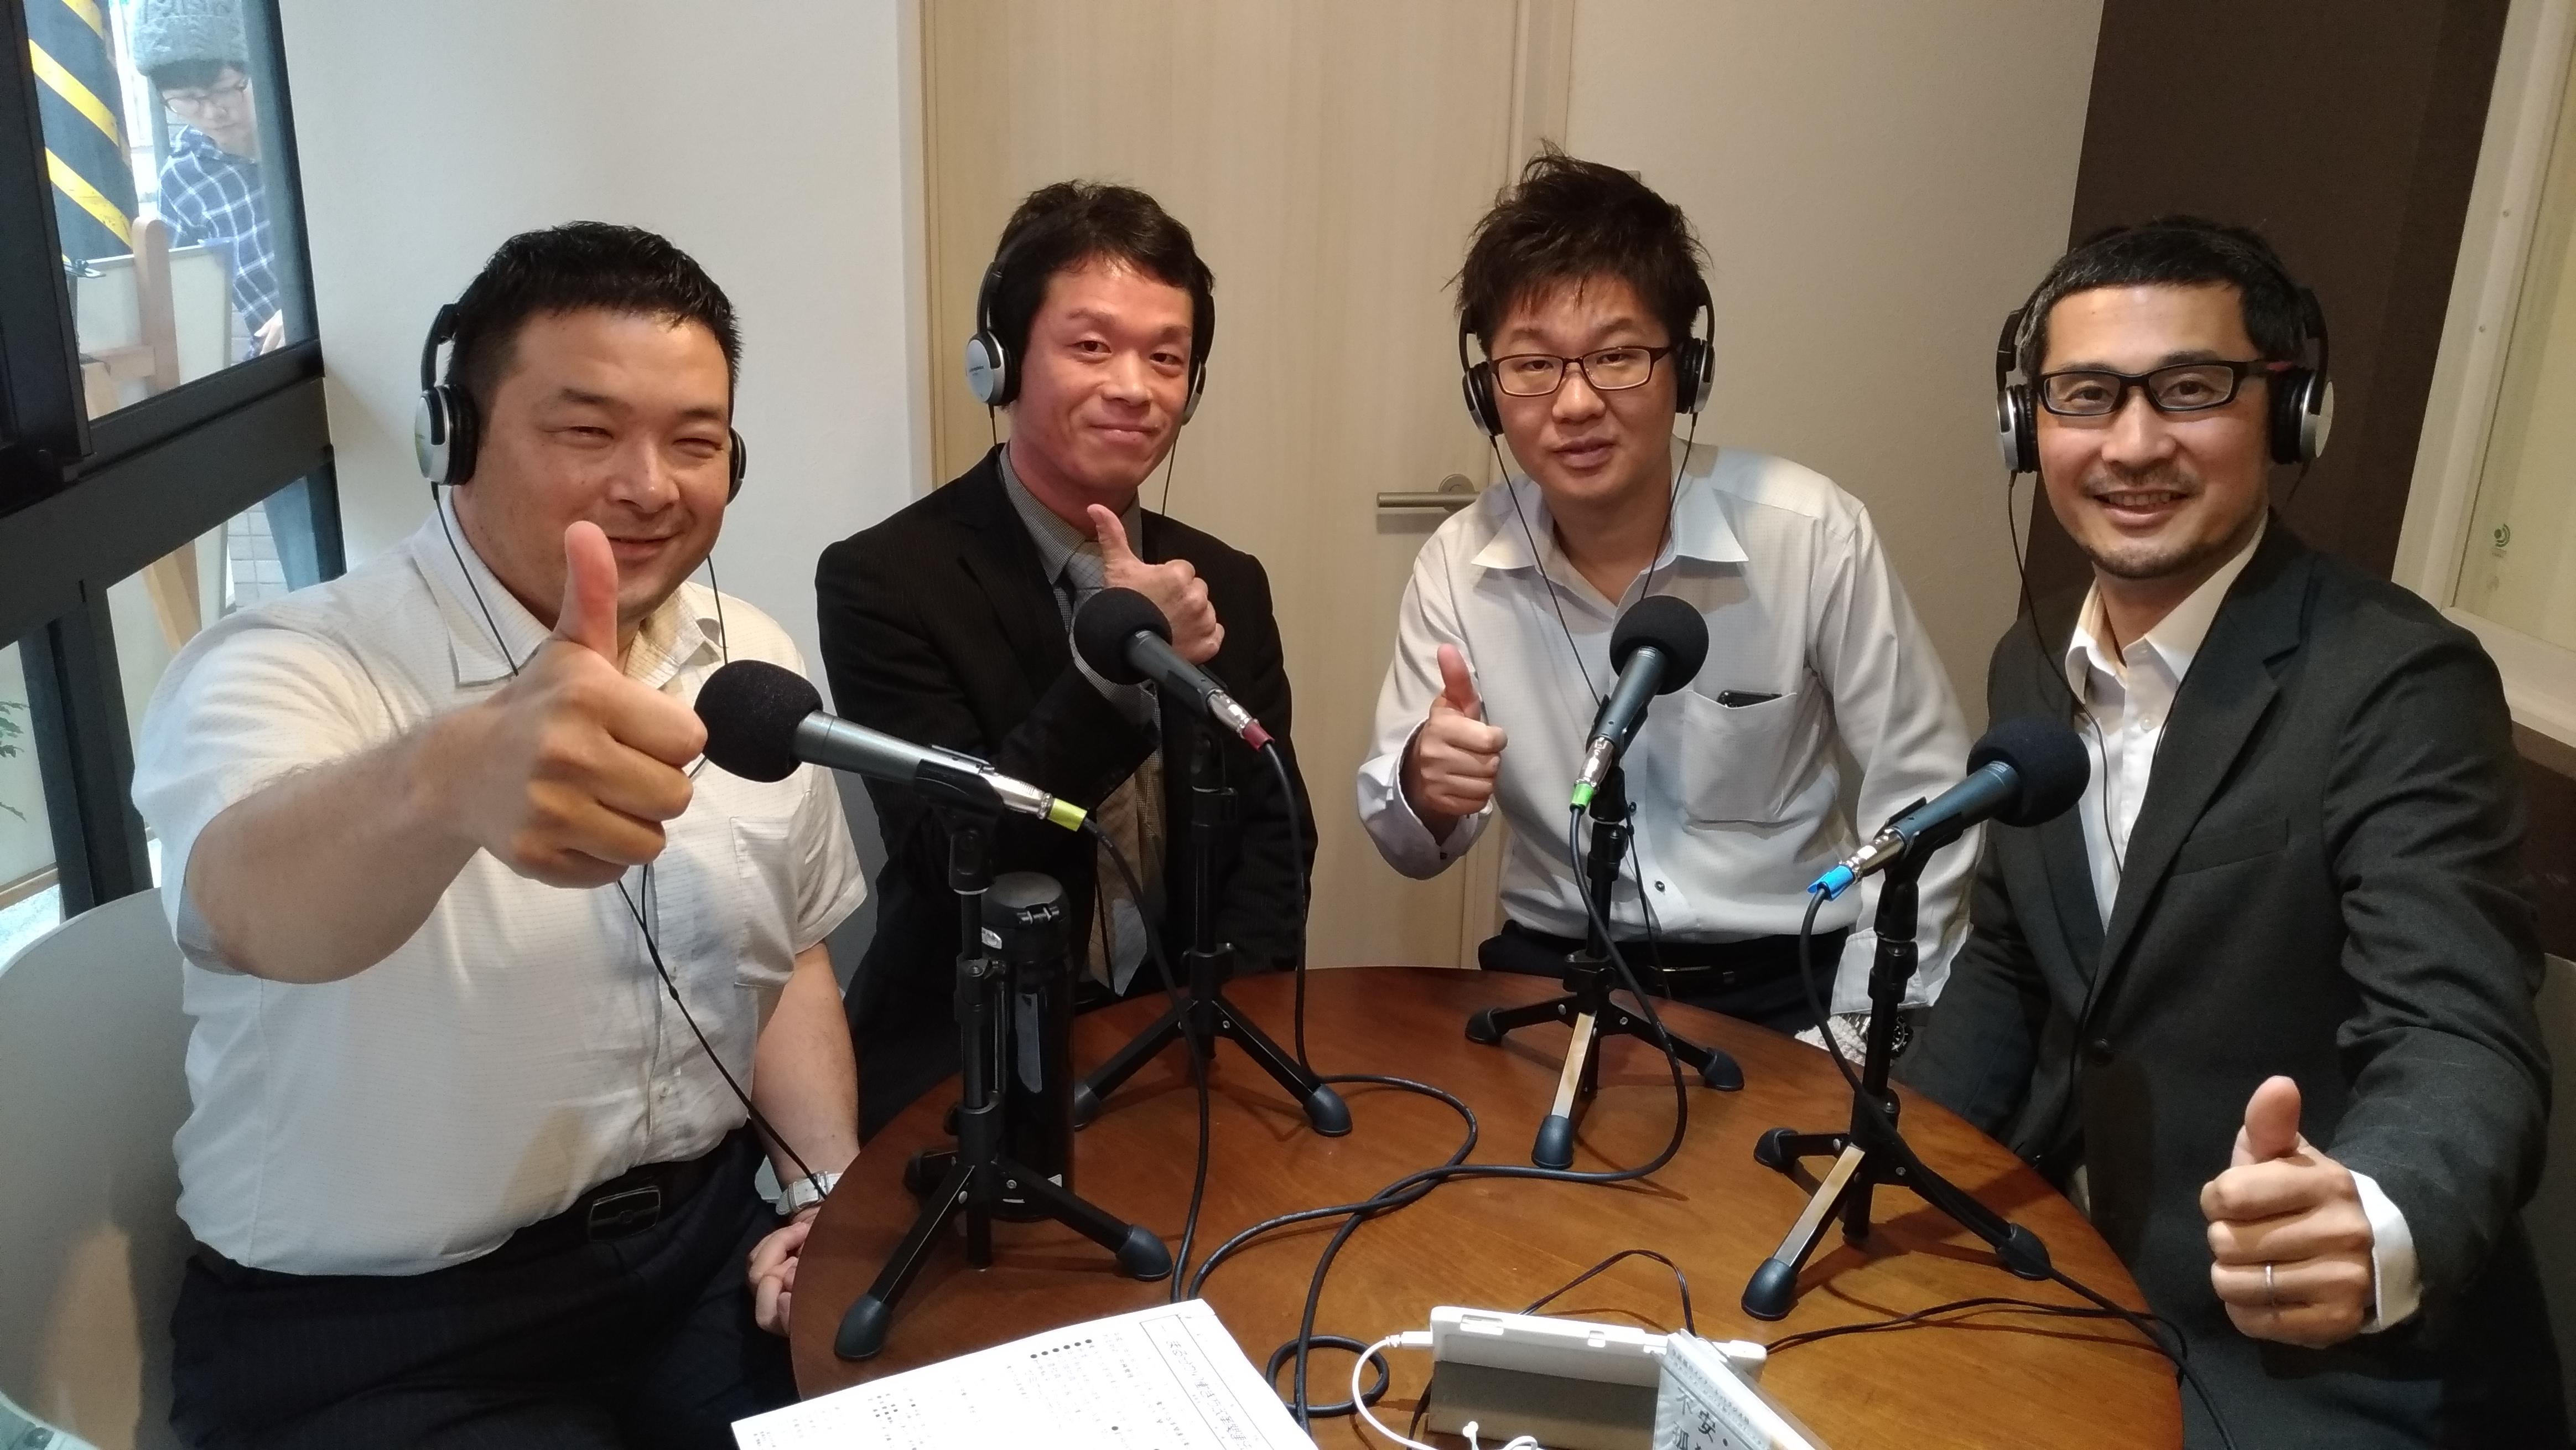 ラジオ放送予定 2018年10月18日(木)・ 25日(木)夜22:30~